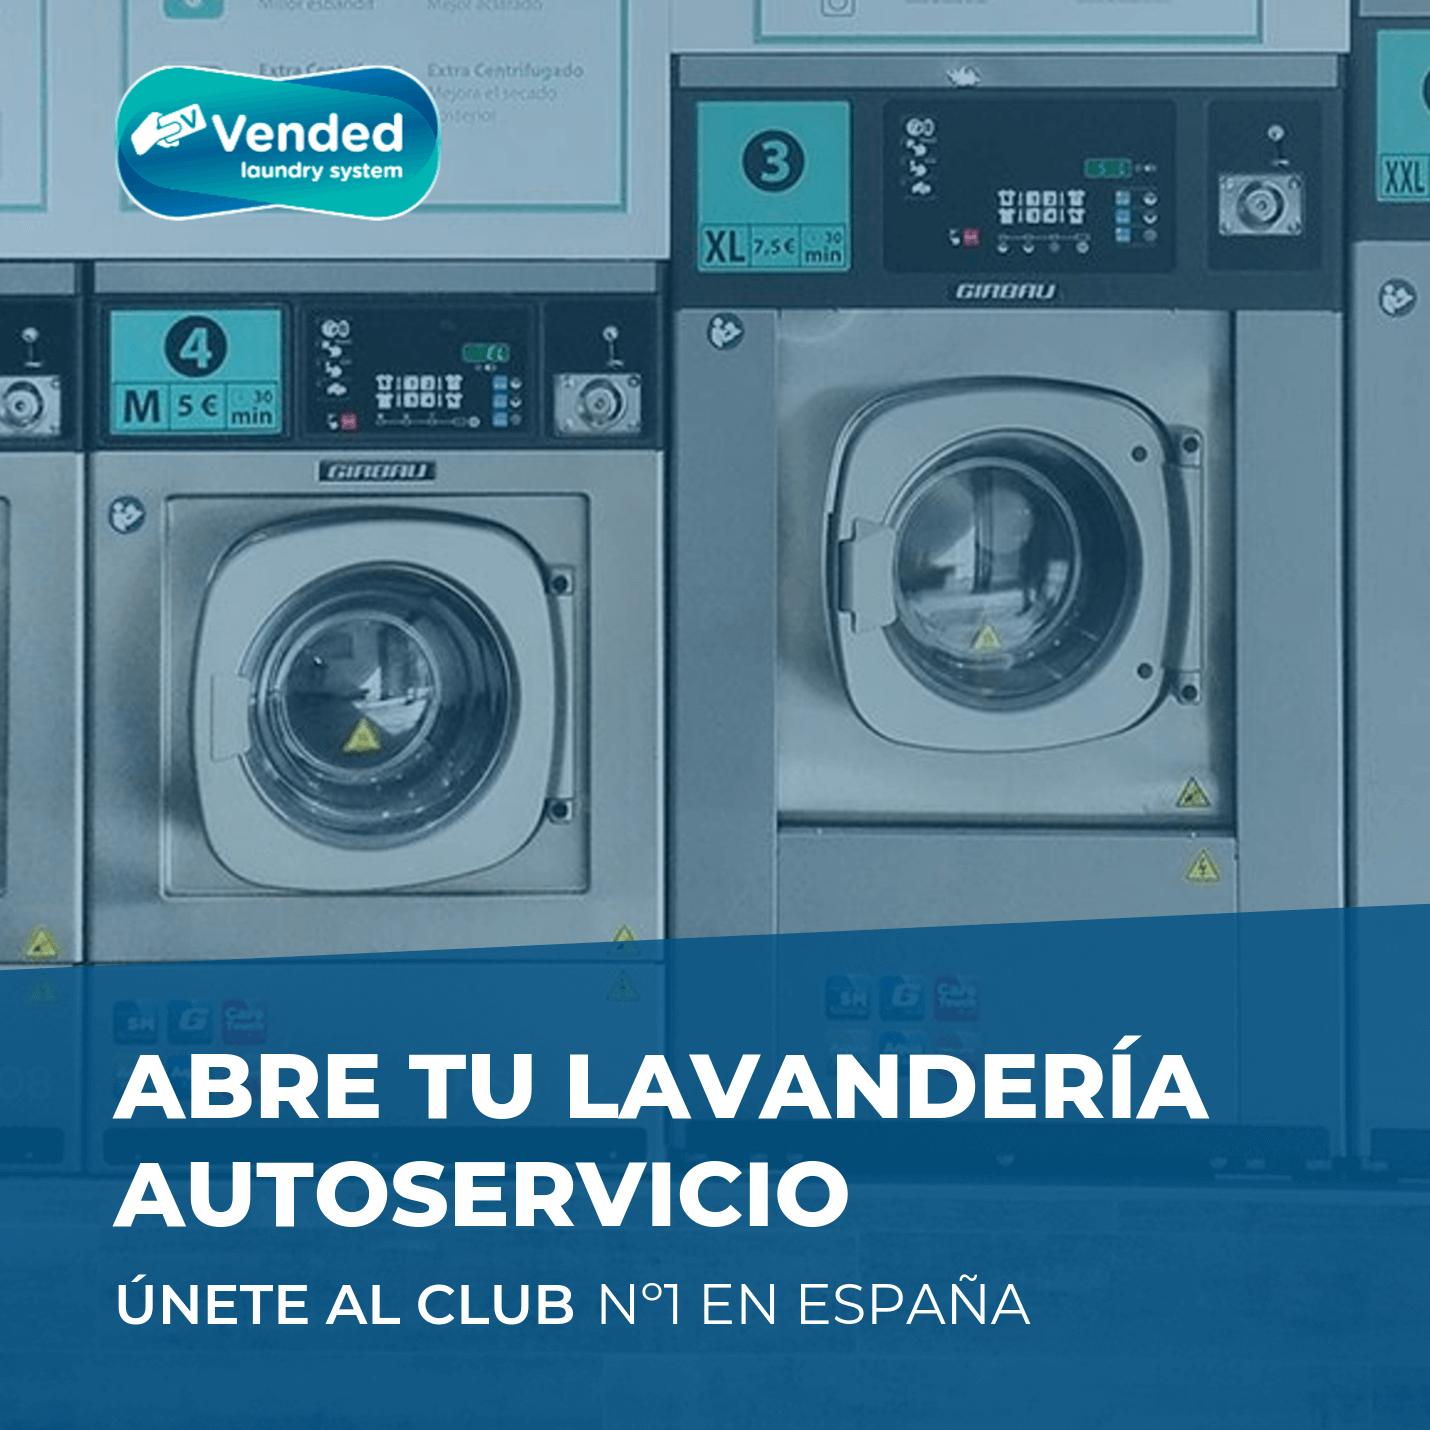 Abre tu lavandería autoservicio